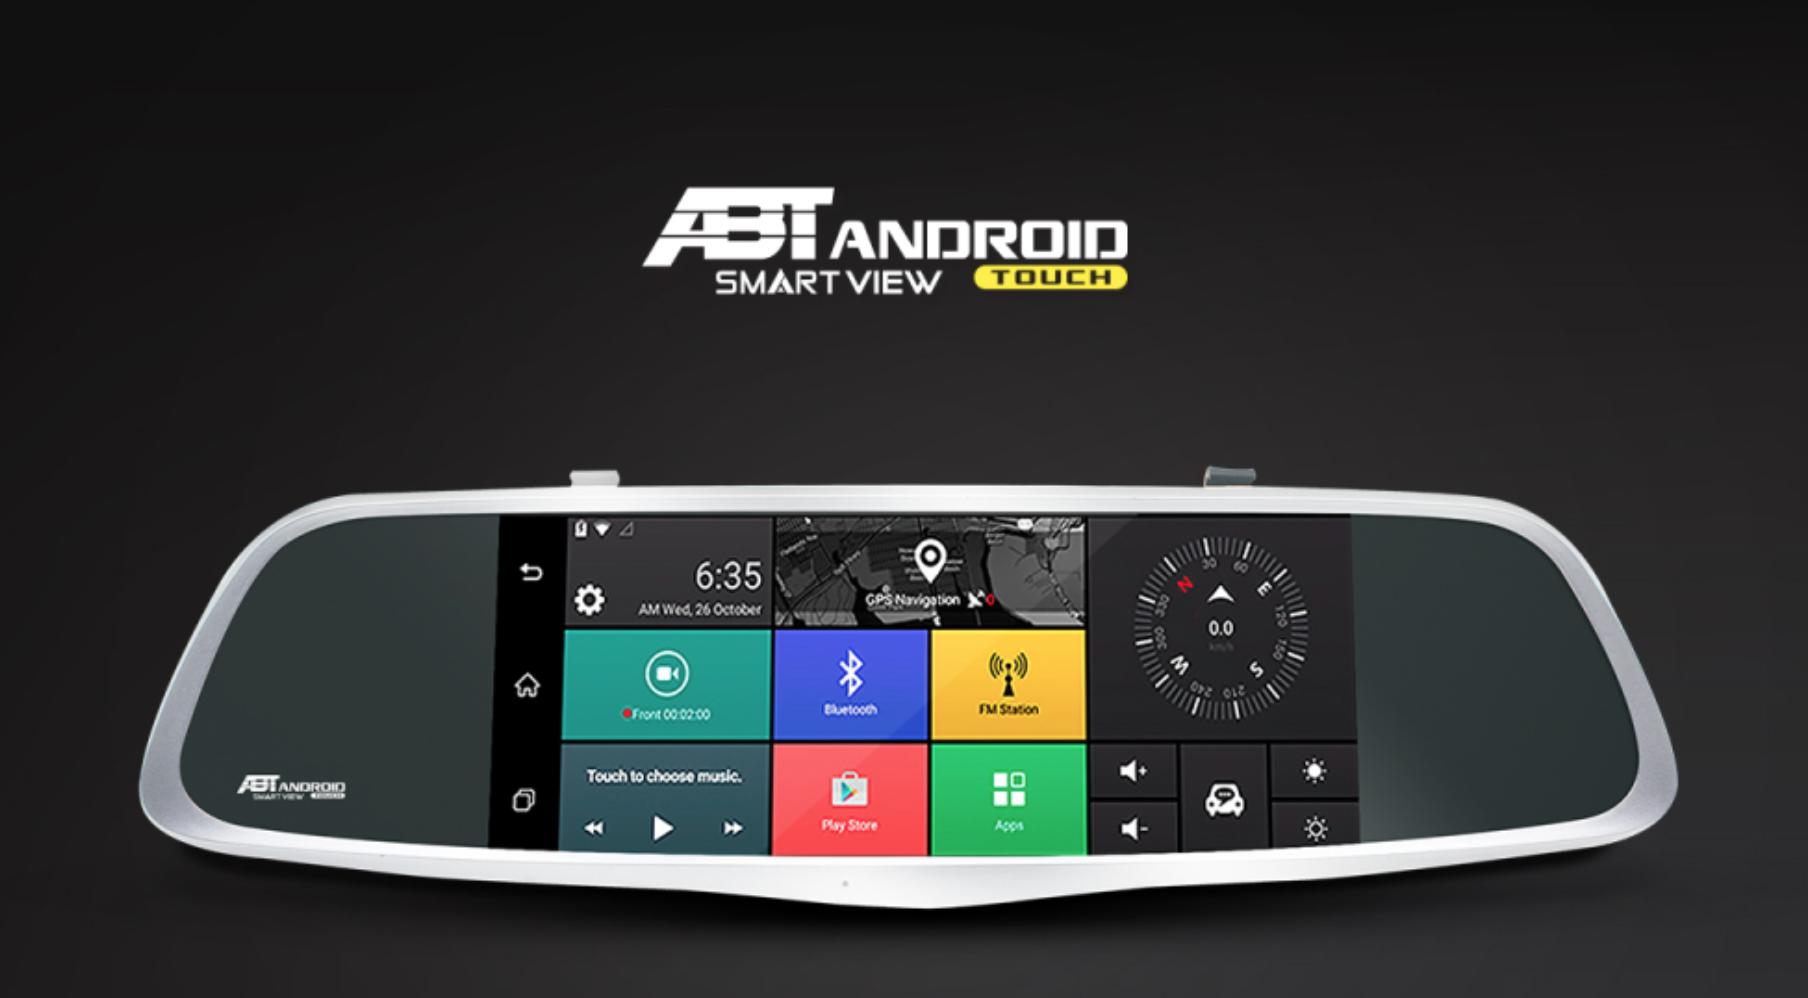 กล้องAndroid Touch_ABG